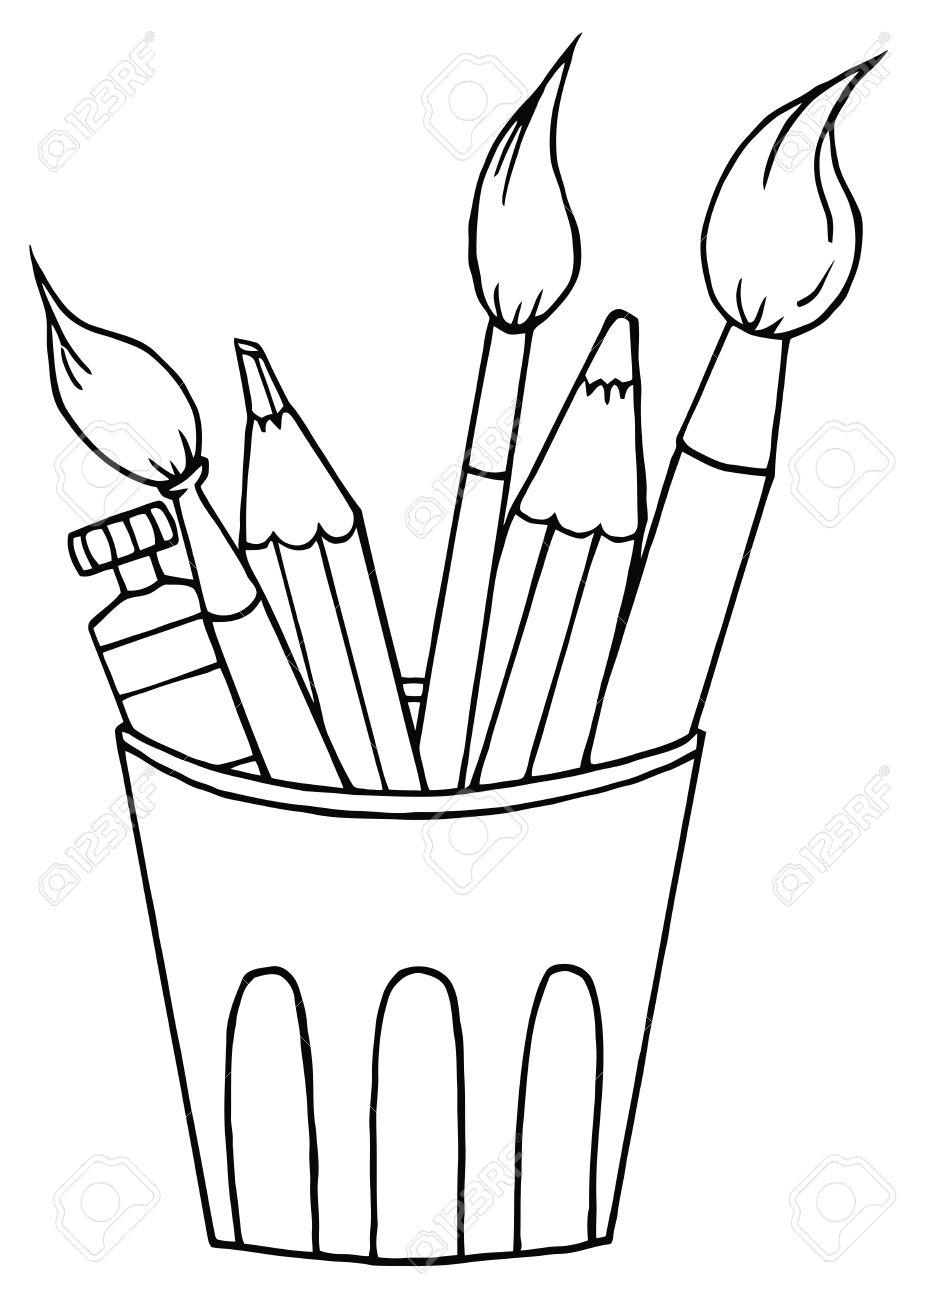 Pinsel clipart schwarz weiß  Beschriebenen Artist Pot Mit Stifte Und Pinsel Lizenzfreie Fotos ...